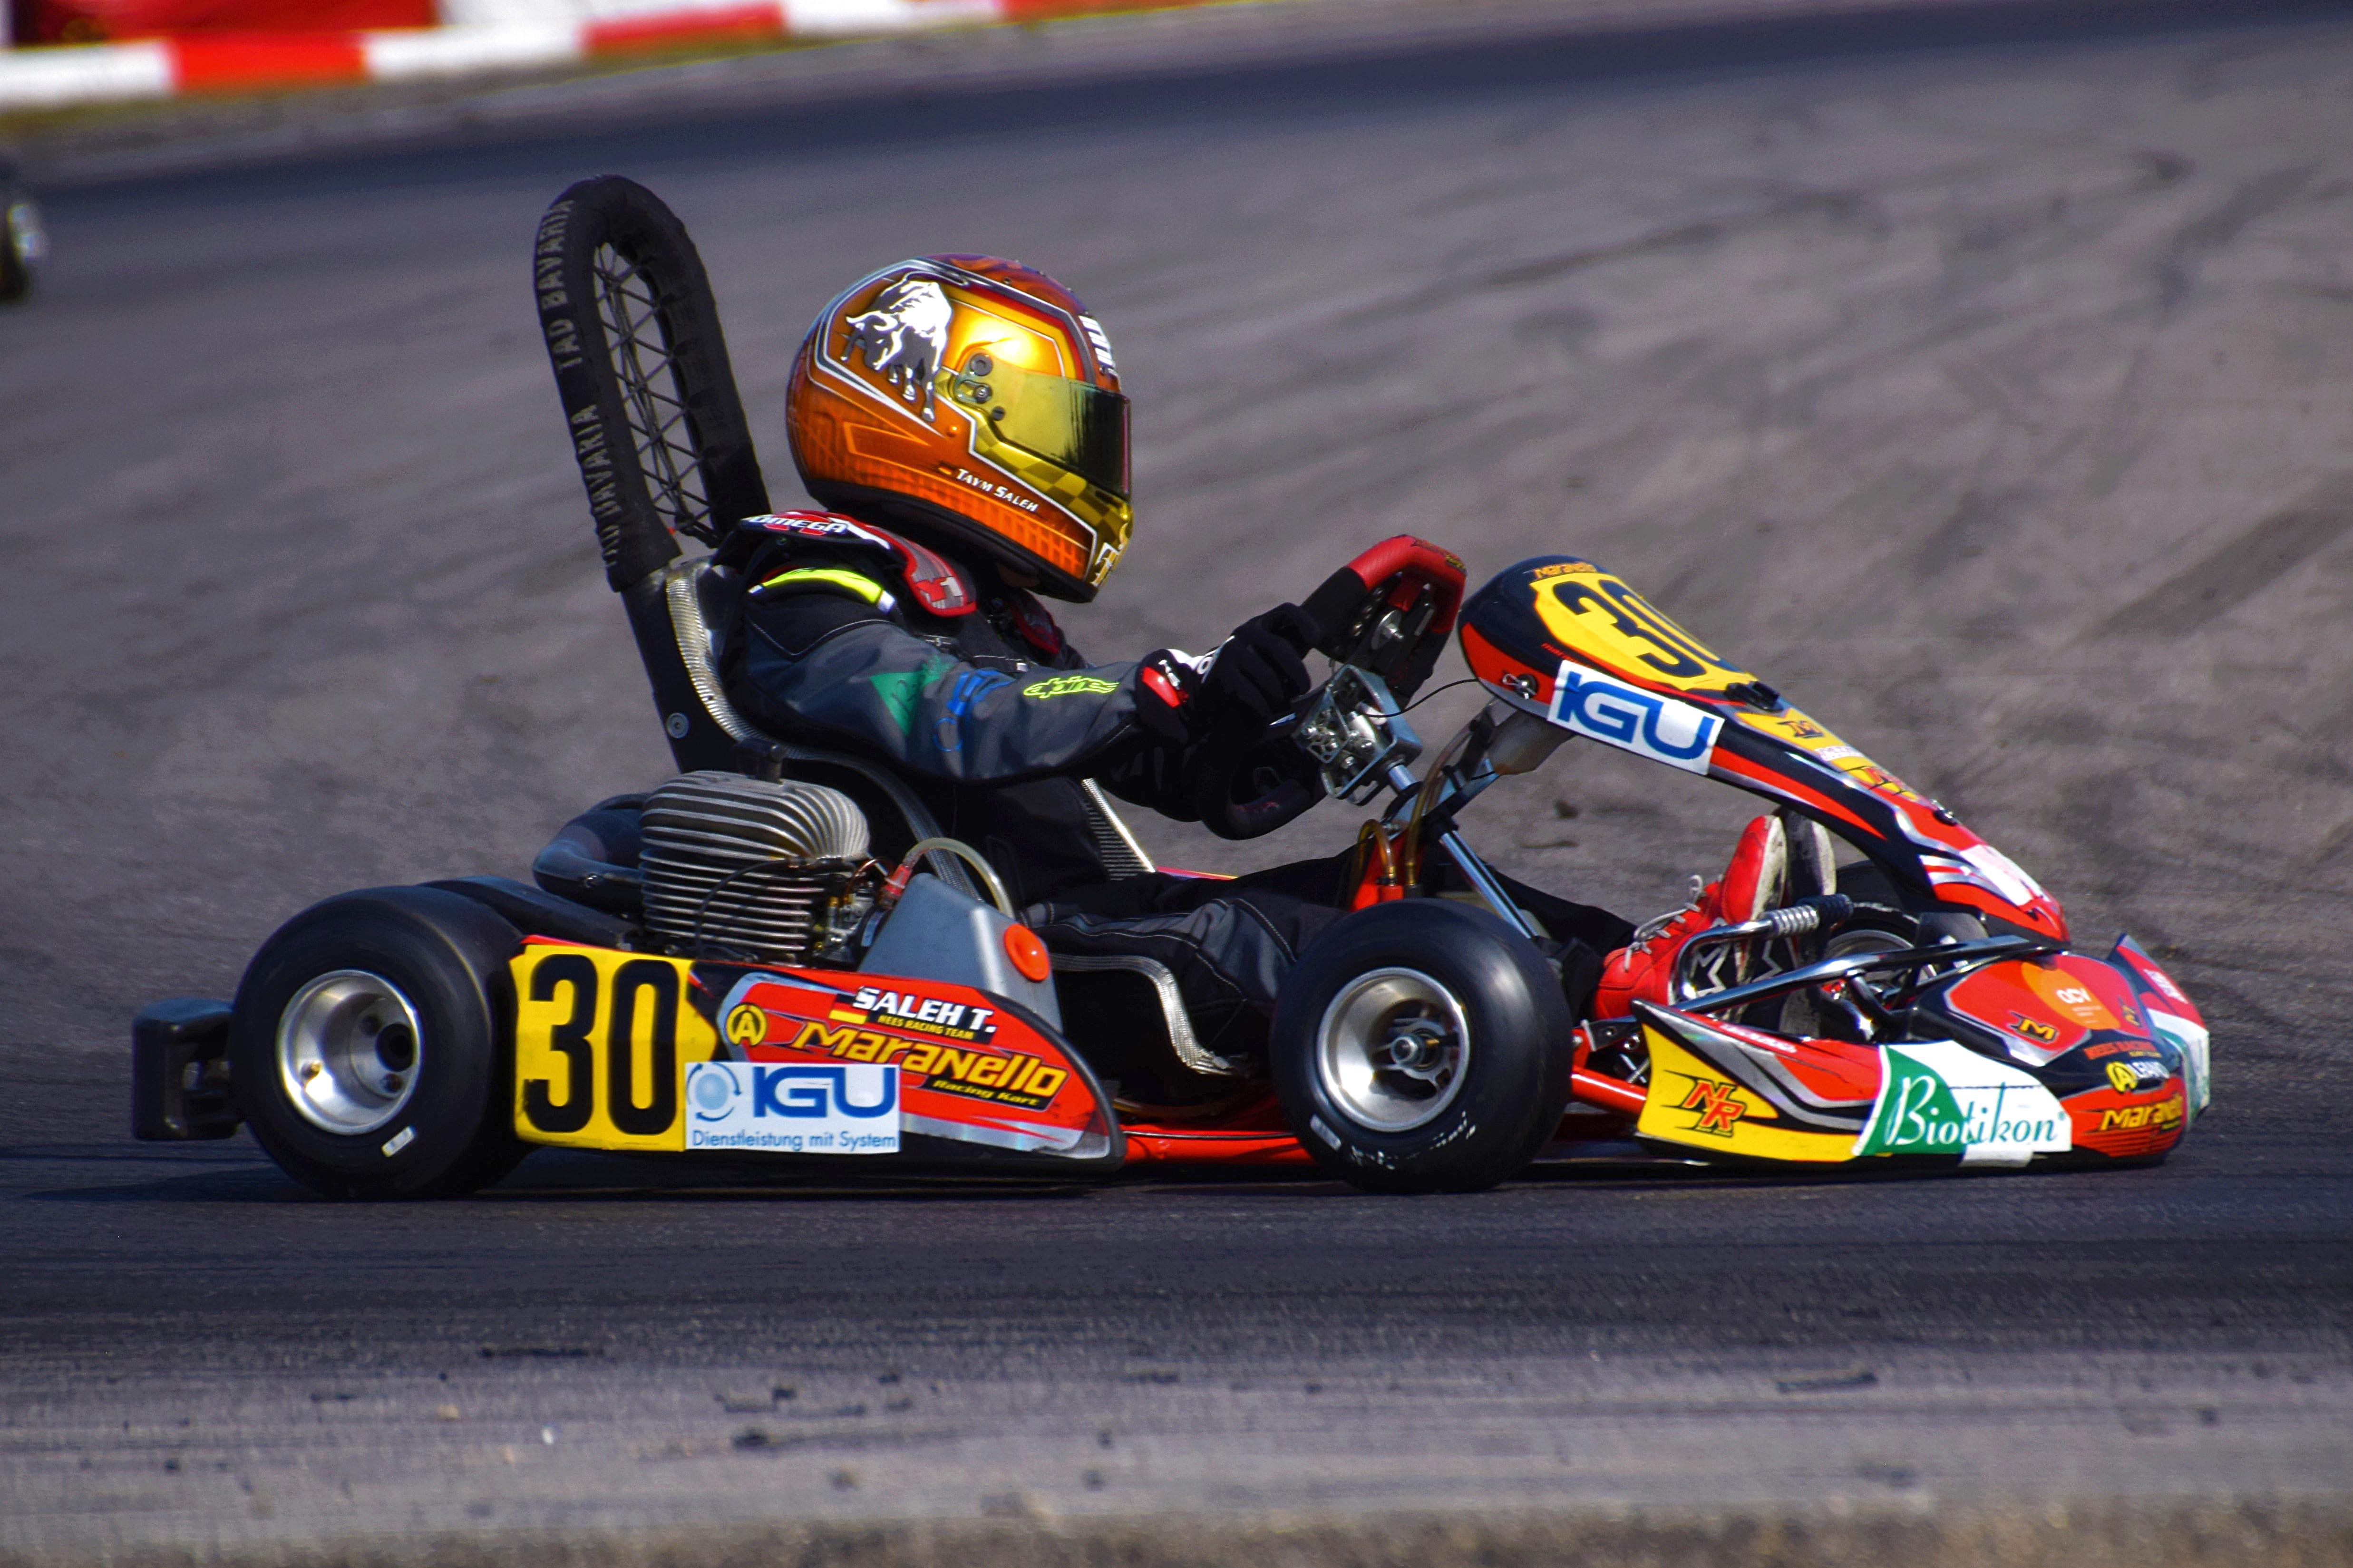 Taym Saleh neuer Champion des ACV Kart Nationals